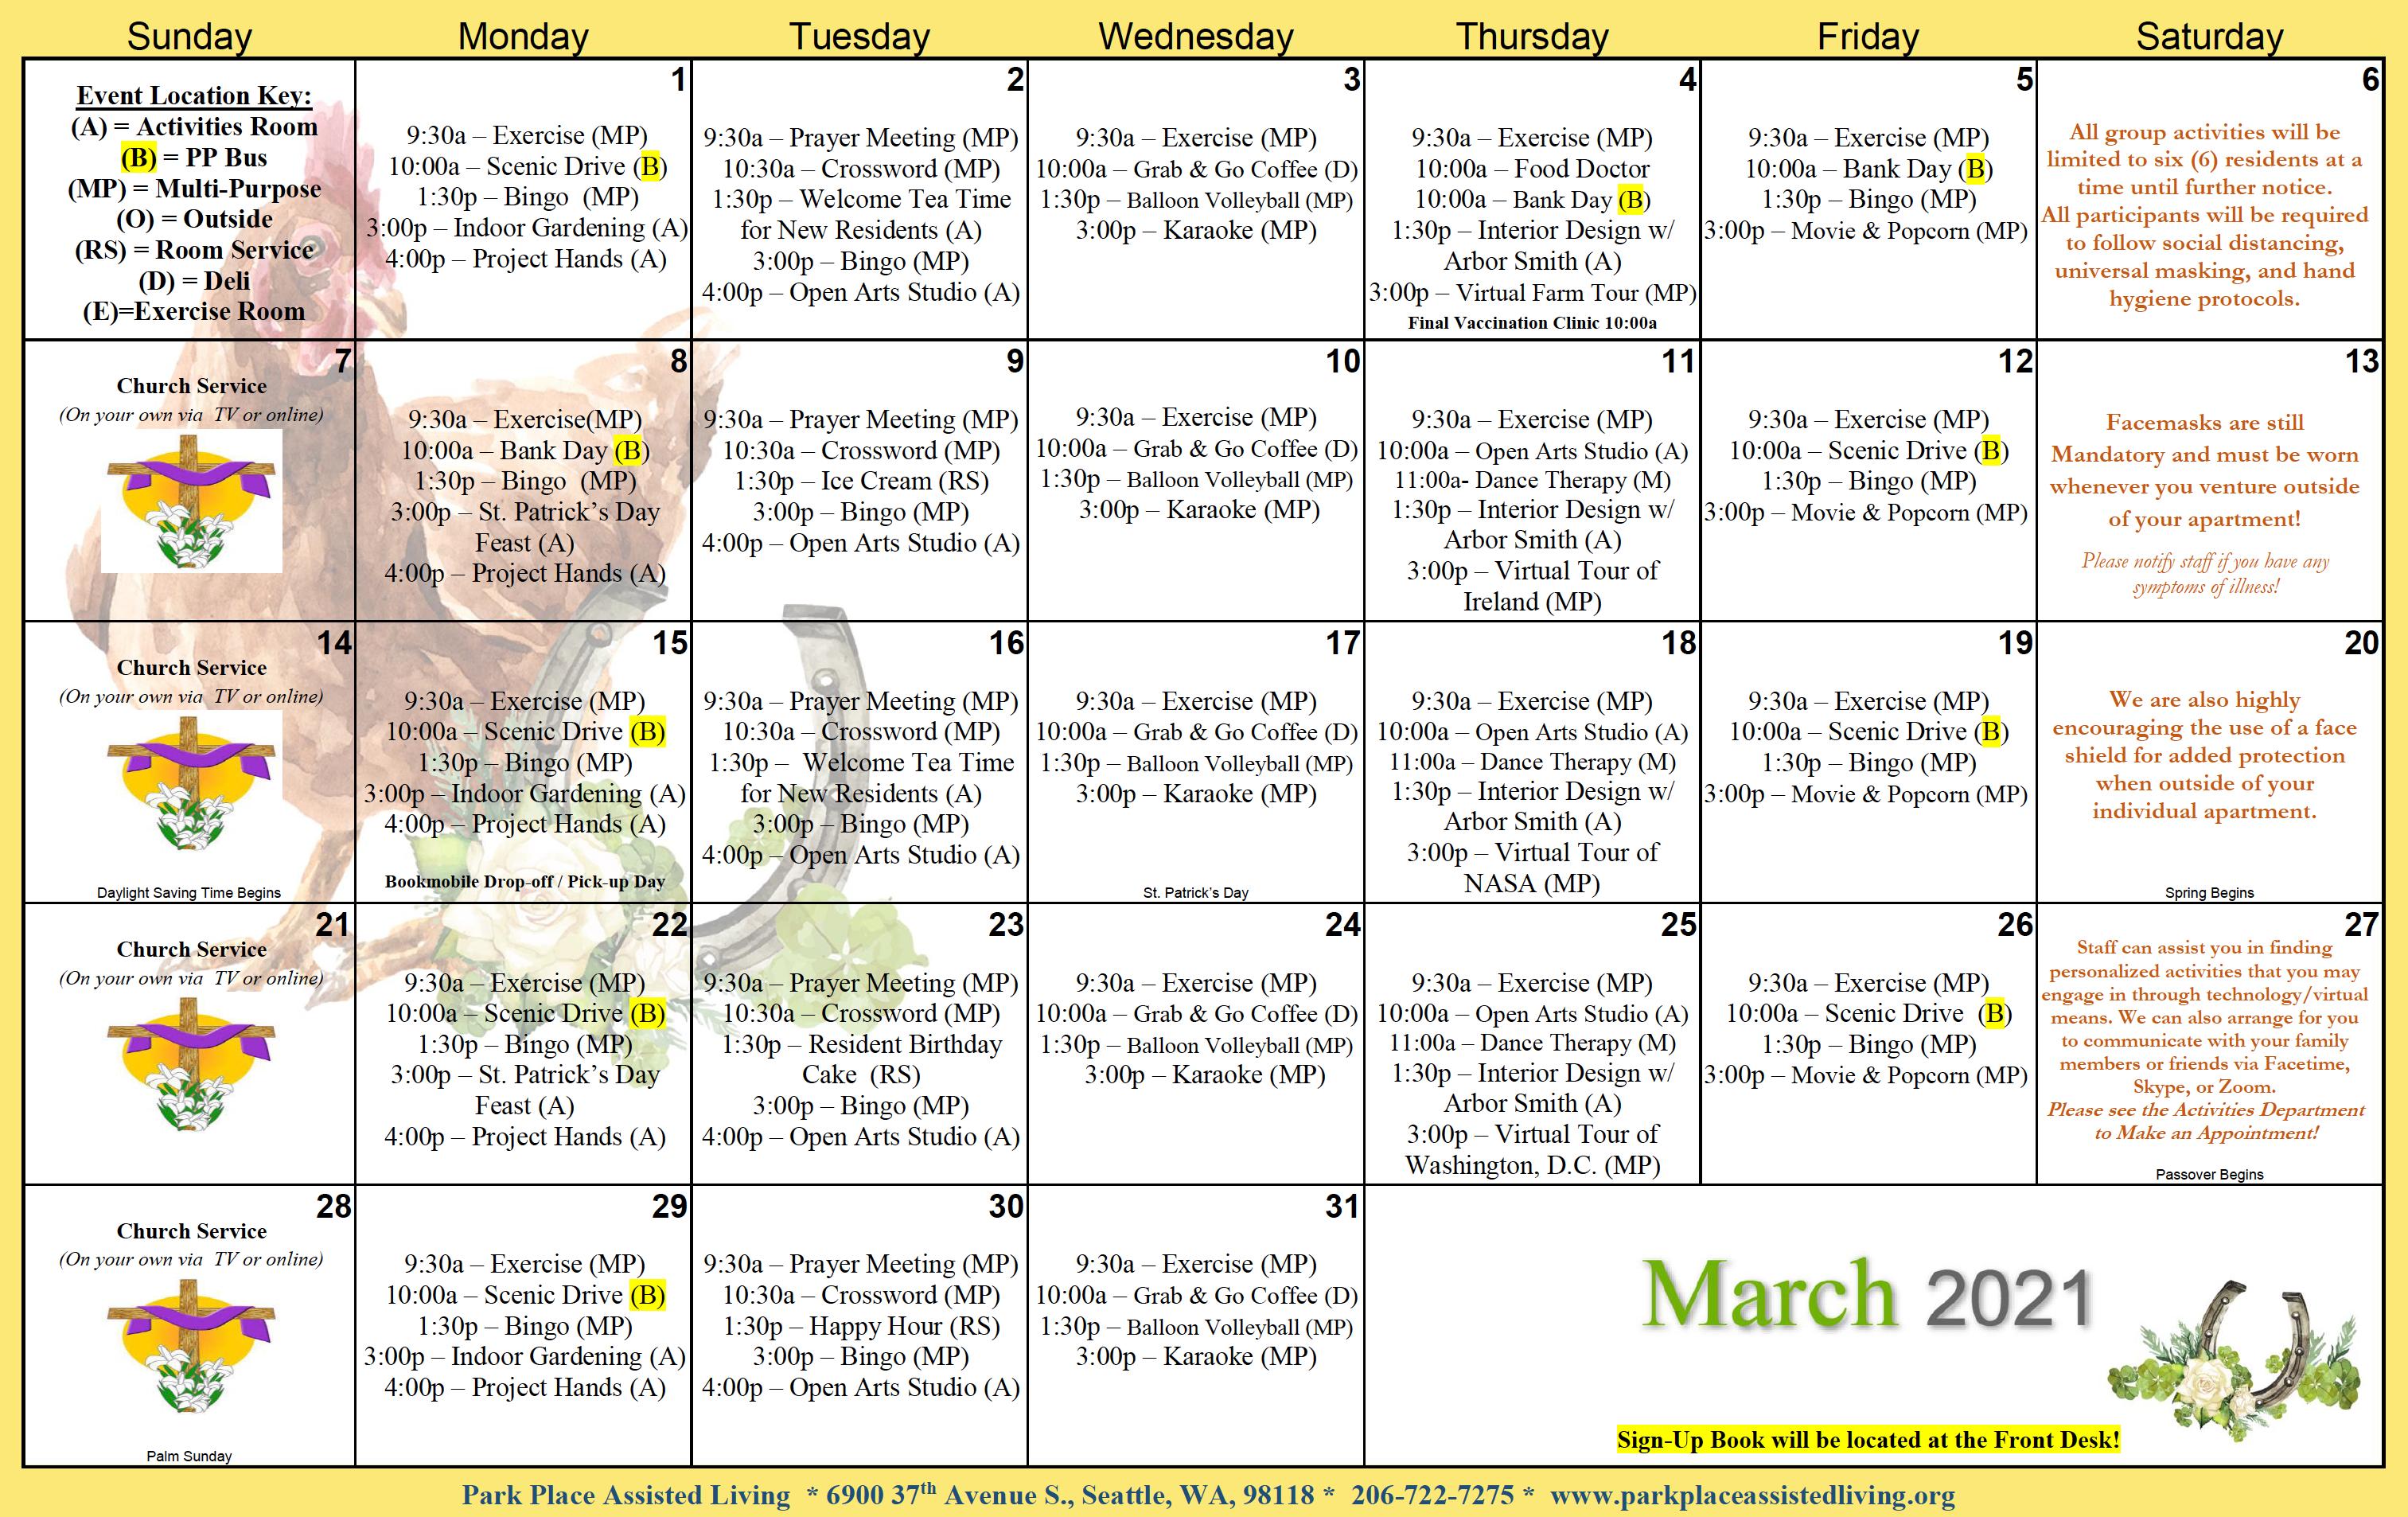 Park Place March Calendar